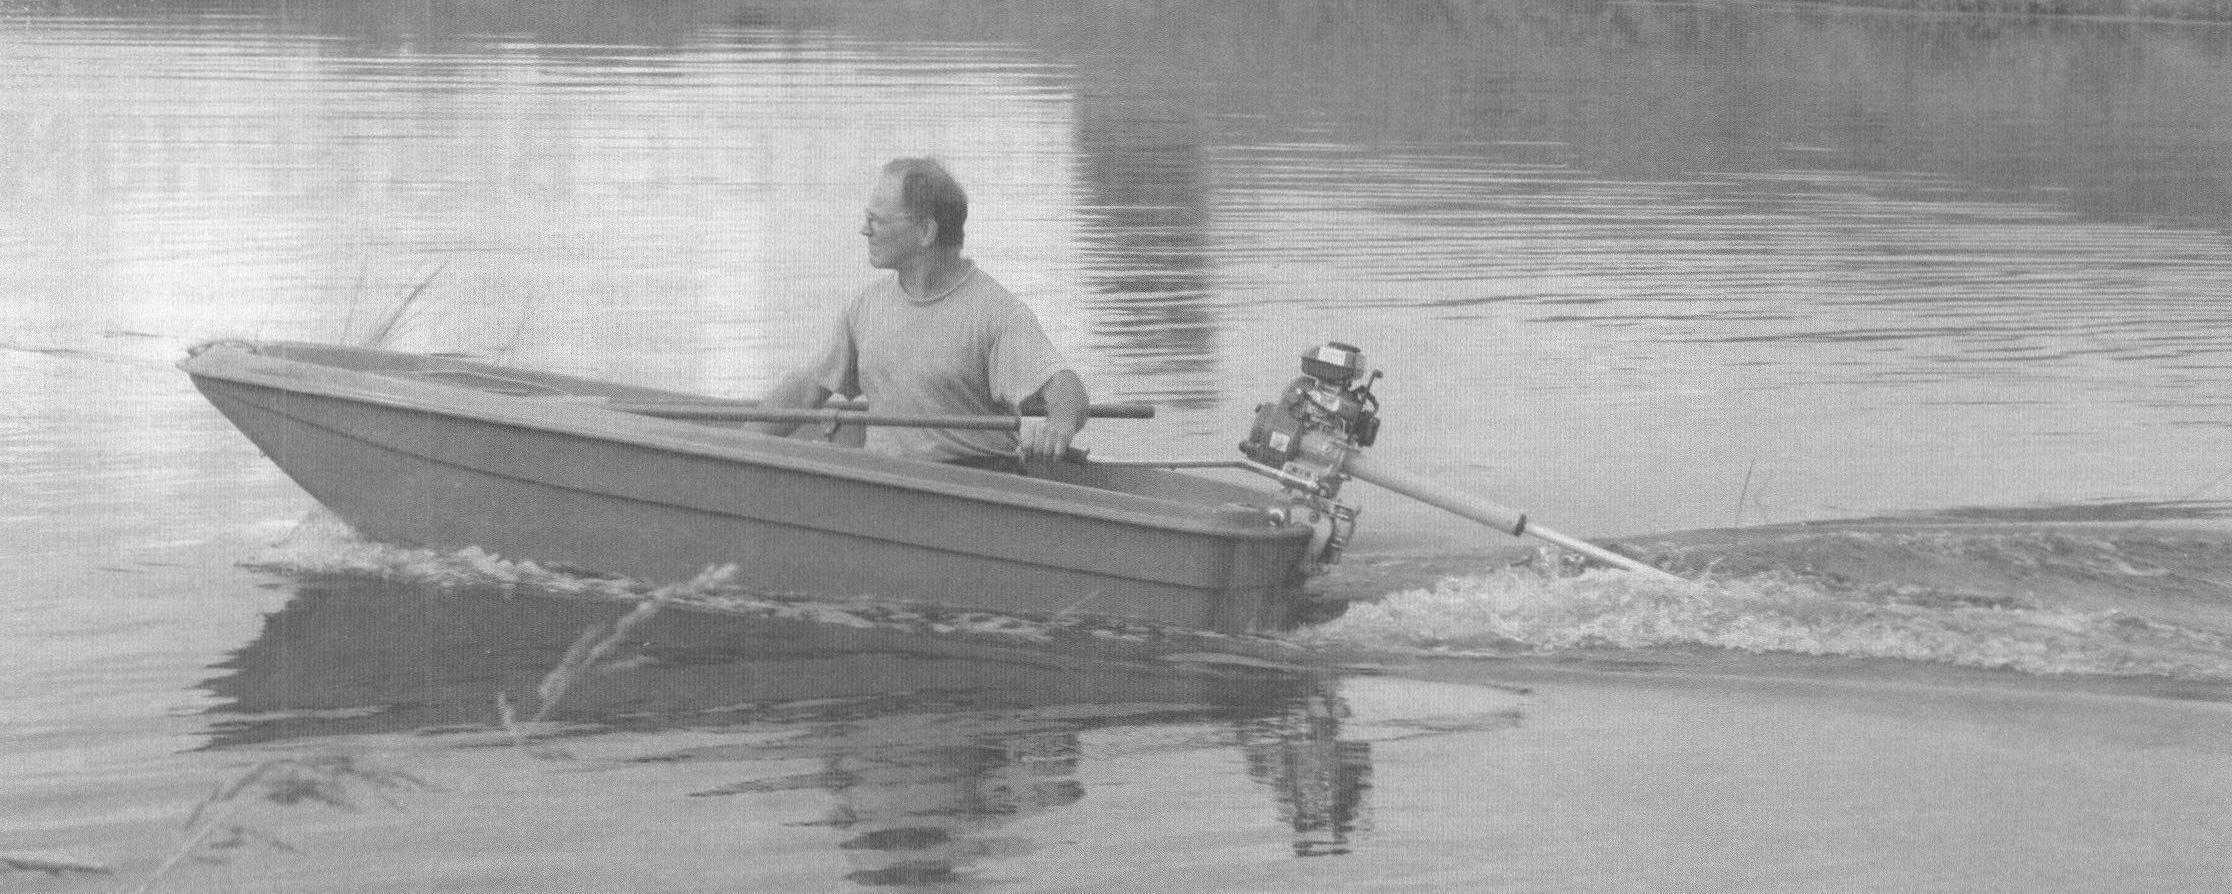 На открытой воде мотор-веслом можно управлять в одиночку. На заросшем водоеме лучше иметь напарника: один смотрит вперед, куда движется лодка, а второй назад - где работает винт